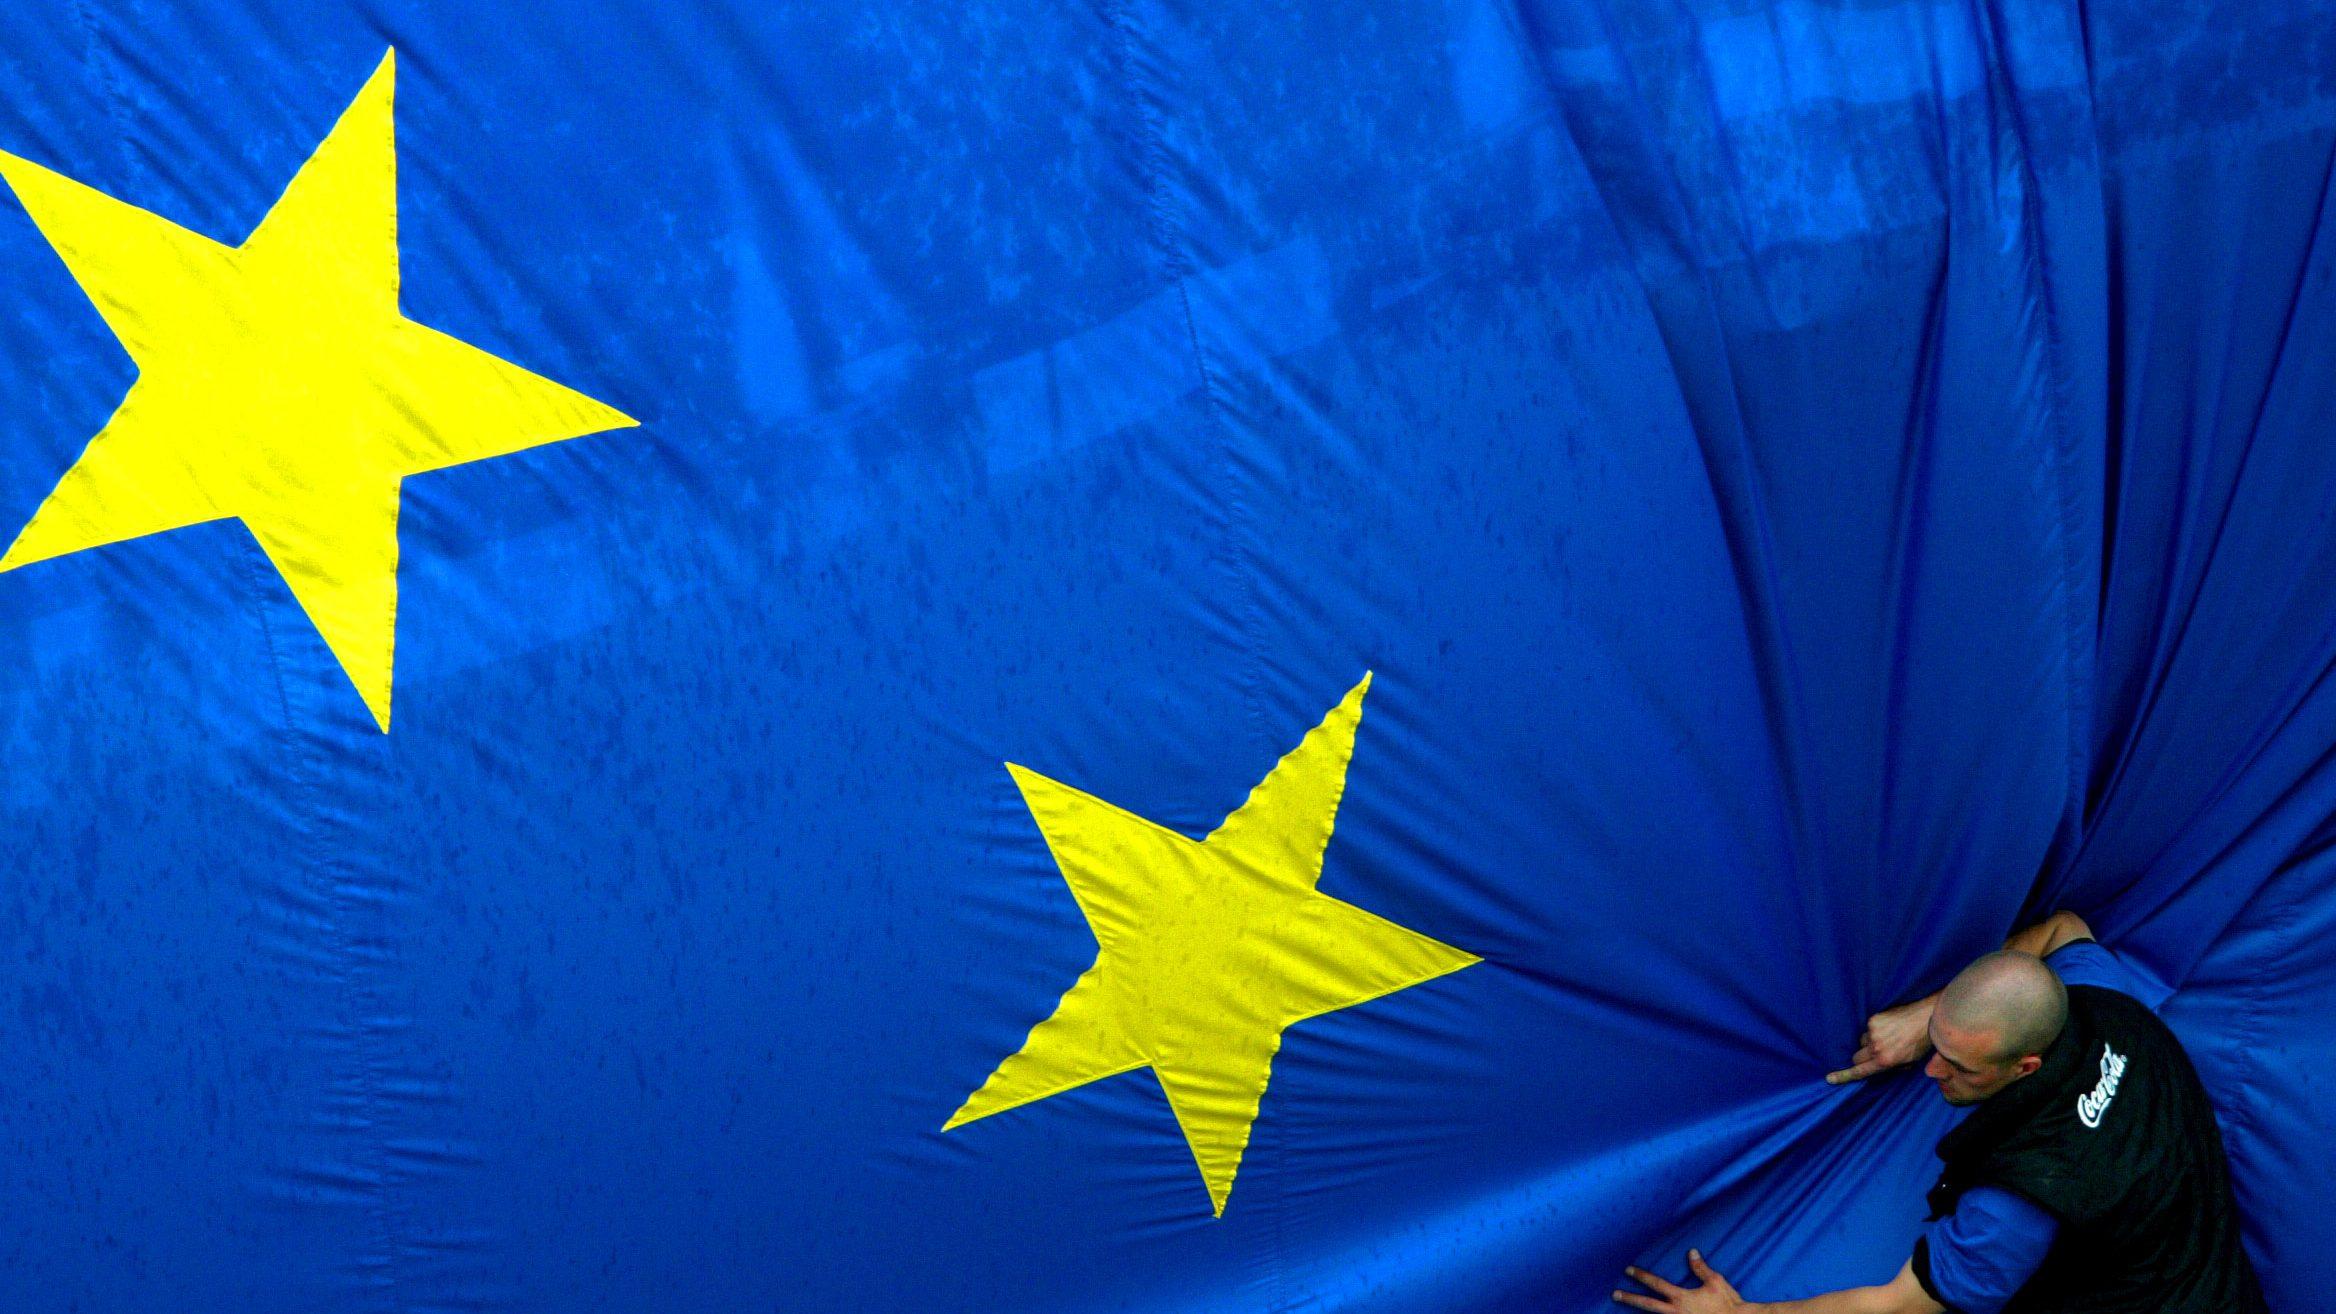 europe limbo